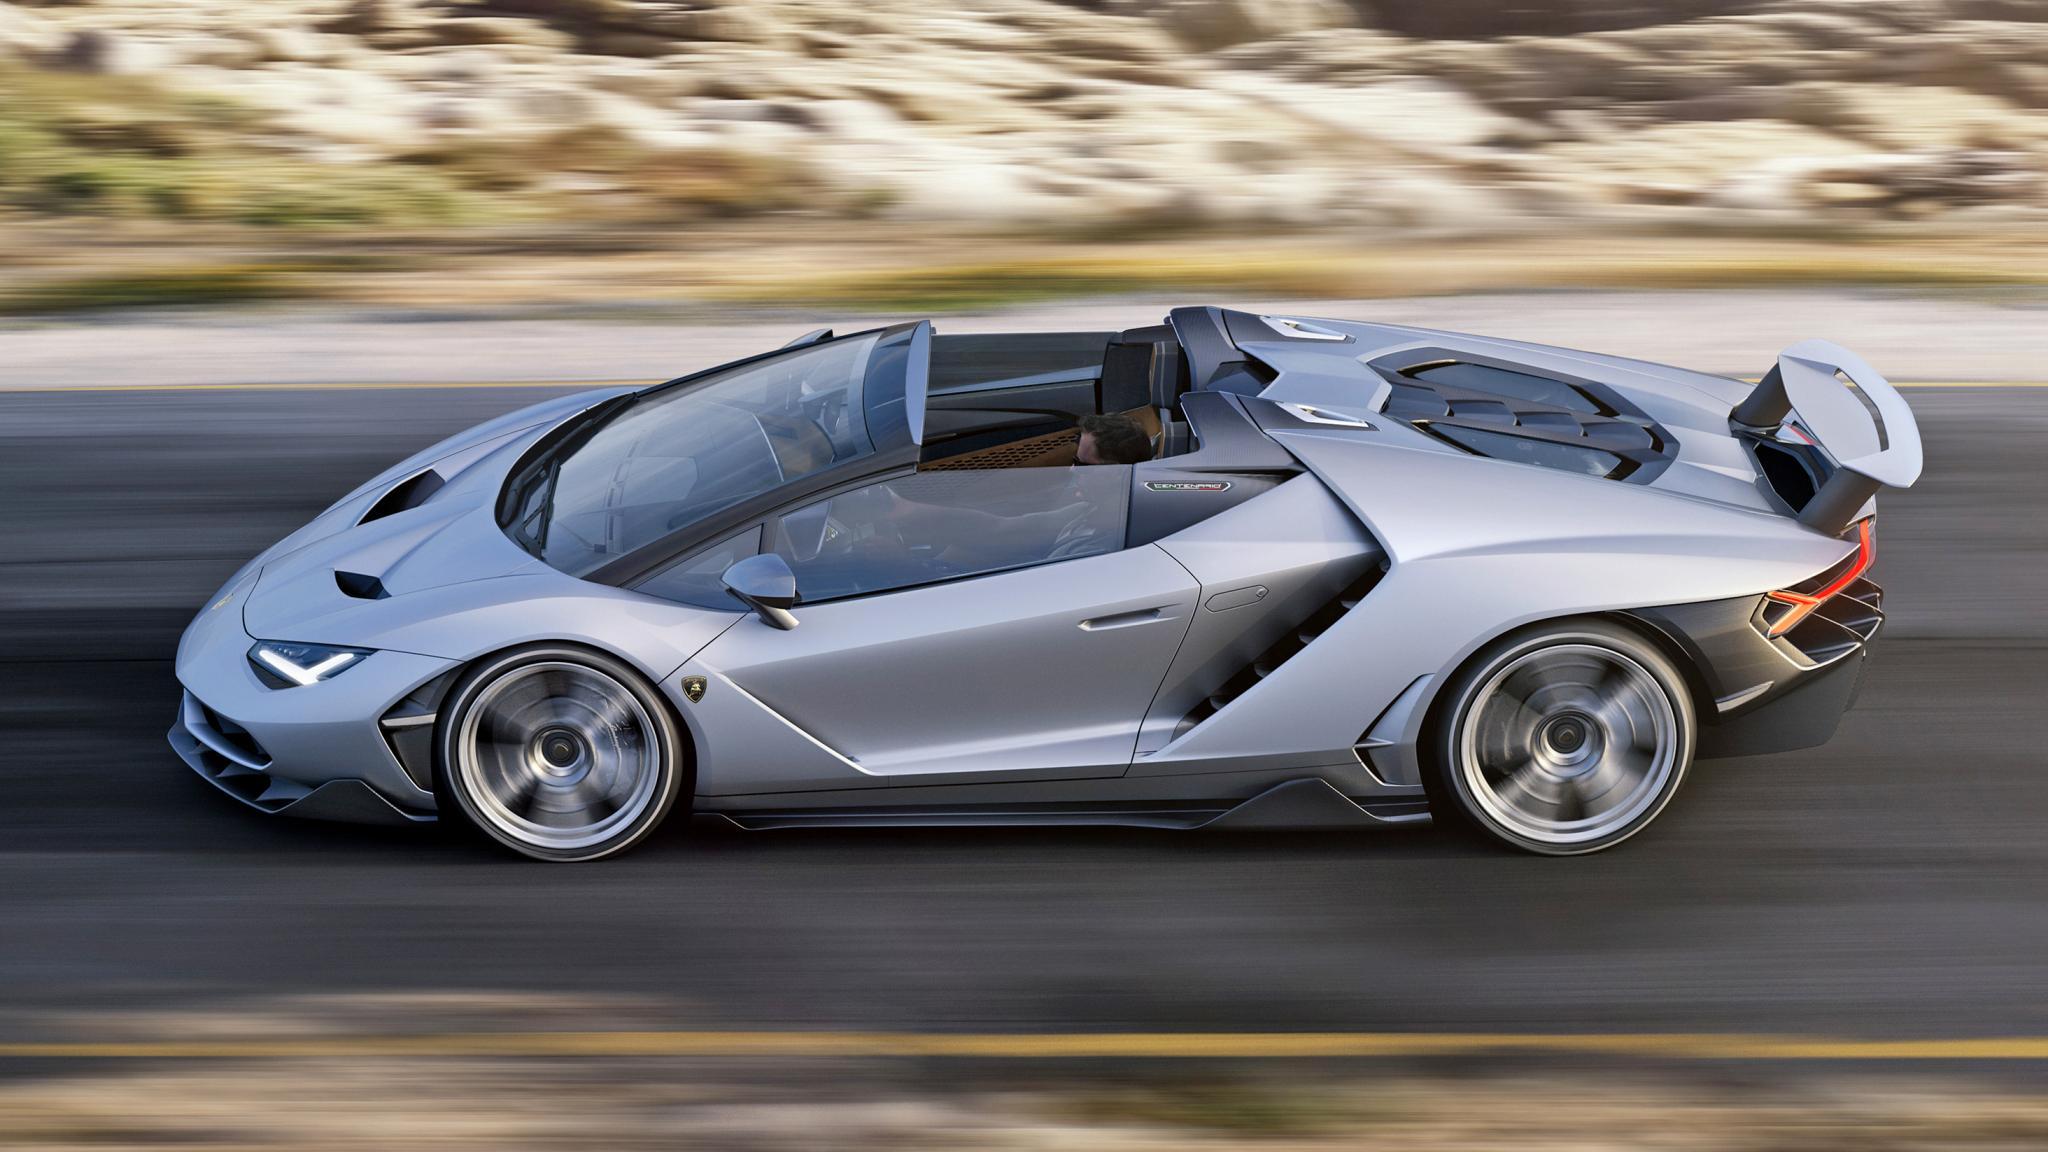 Lamborghini Centenario Roadster It Most Insane And